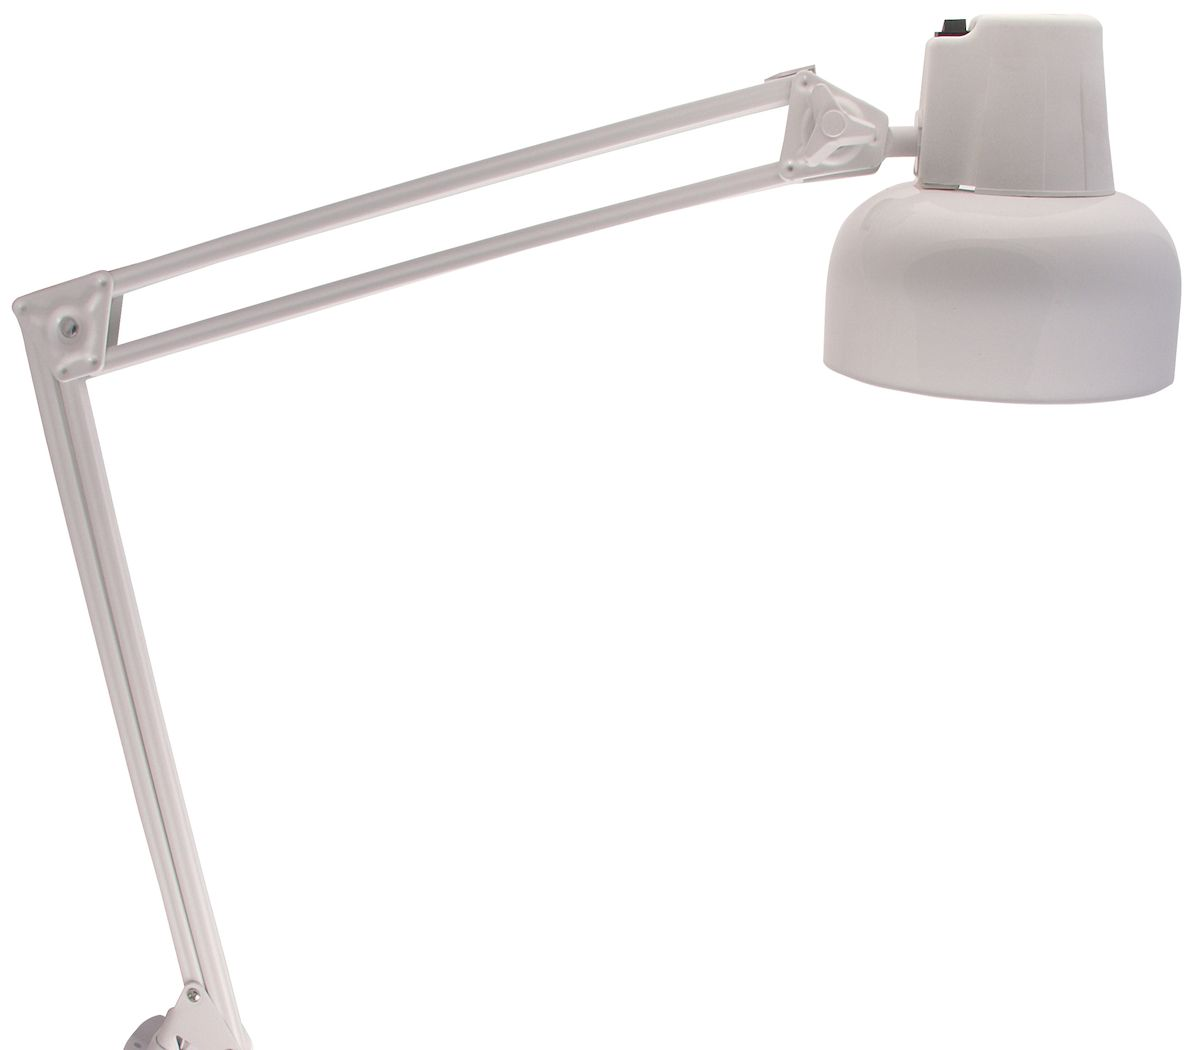 Светильник Трансвит Бета, на струбцине, цвет: белый4607053880243Светильник Бета 60W Е27 на струбцине (белый) Цоколь Е27, максимальная мощность лампы 60 W, крепление на струбцине.